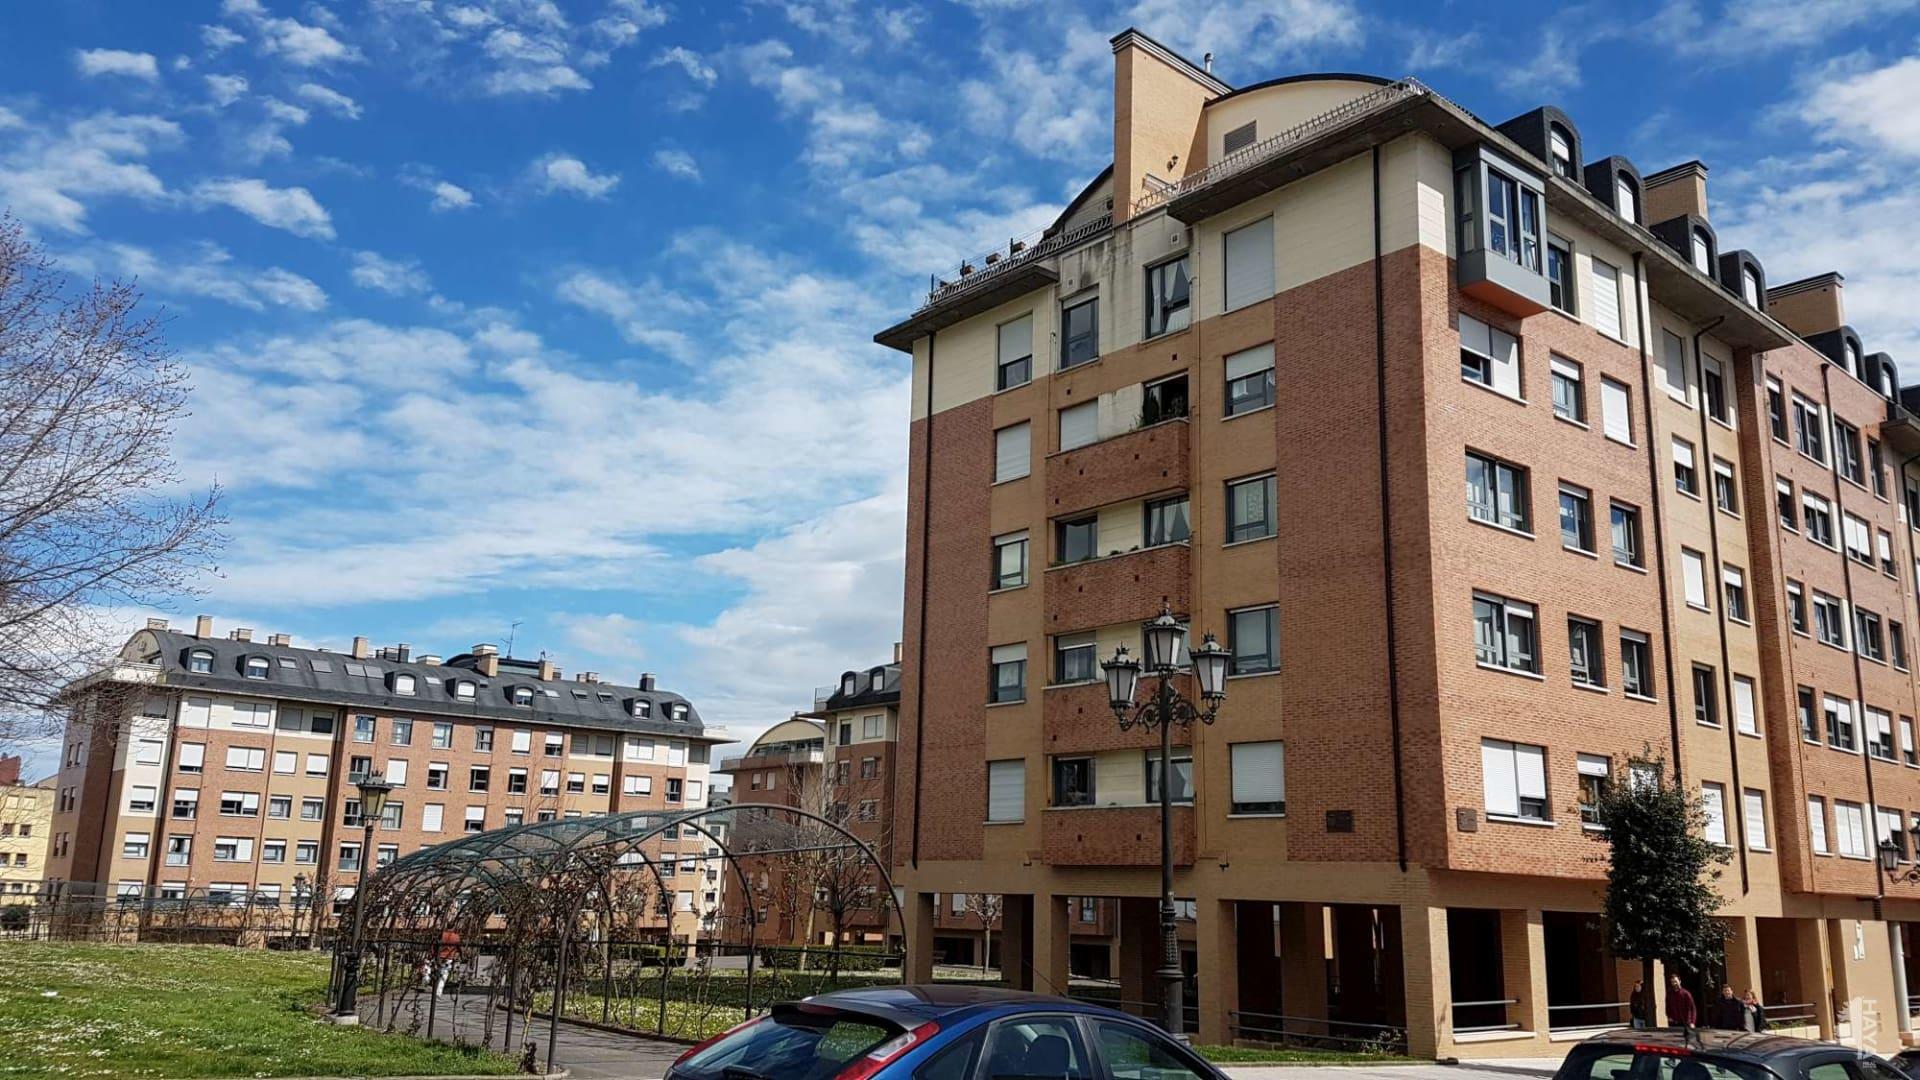 Piso en venta en Oviedo, Asturias, Calle Riera, 95.228 €, 3 habitaciones, 1 baño, 93 m2